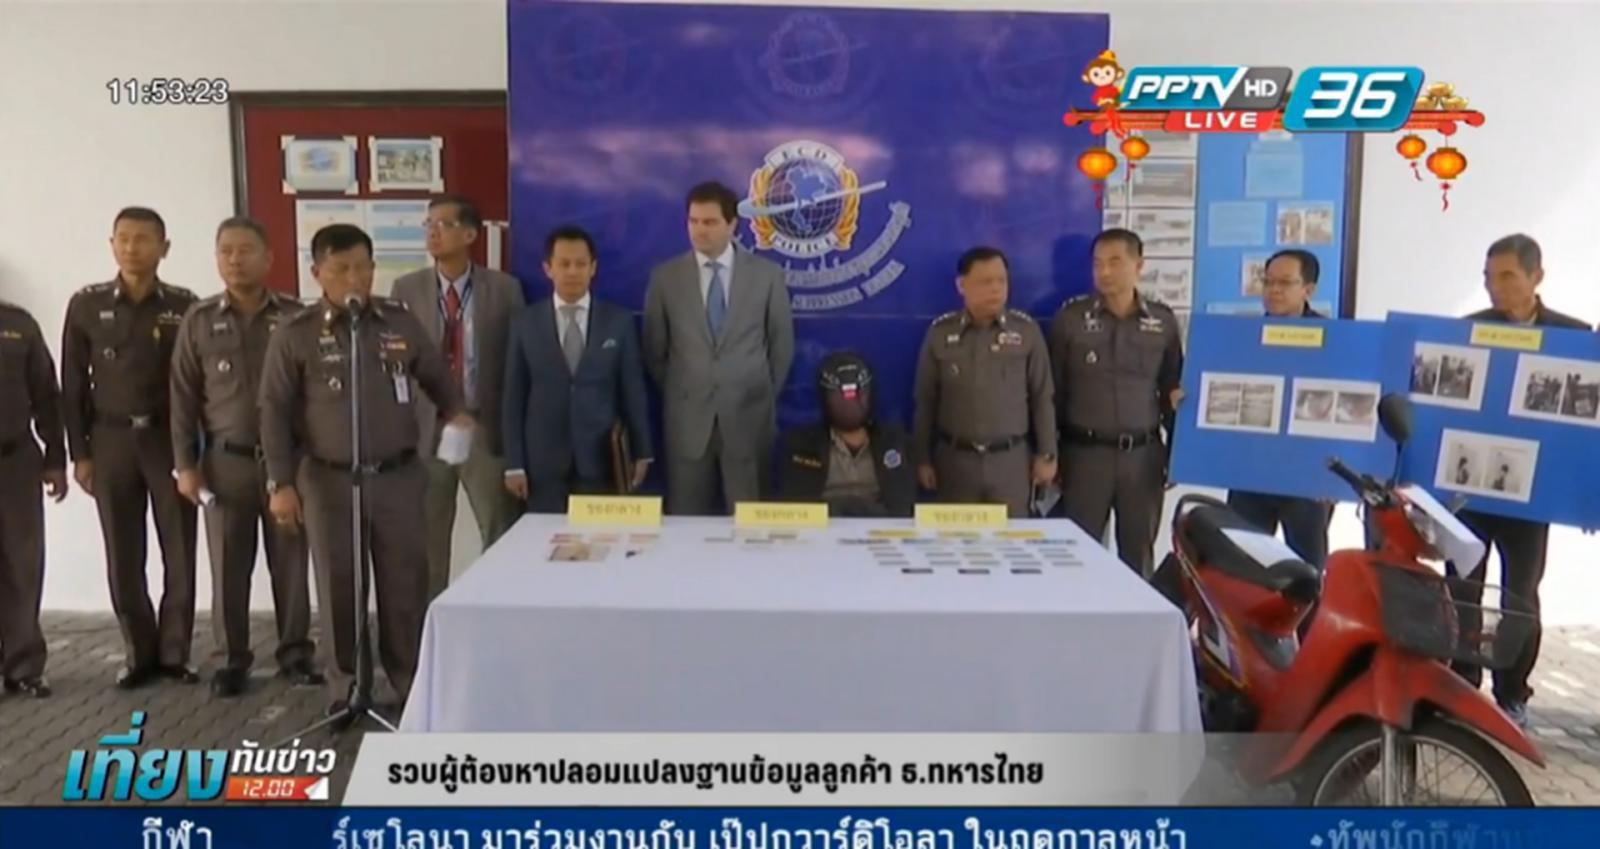 รวบผู้ต้องหาปลอมแปลงฐานข้อมูลลูกค้า ธ.ทหารไทย เสียหายกว่า 40 ล้านบาท